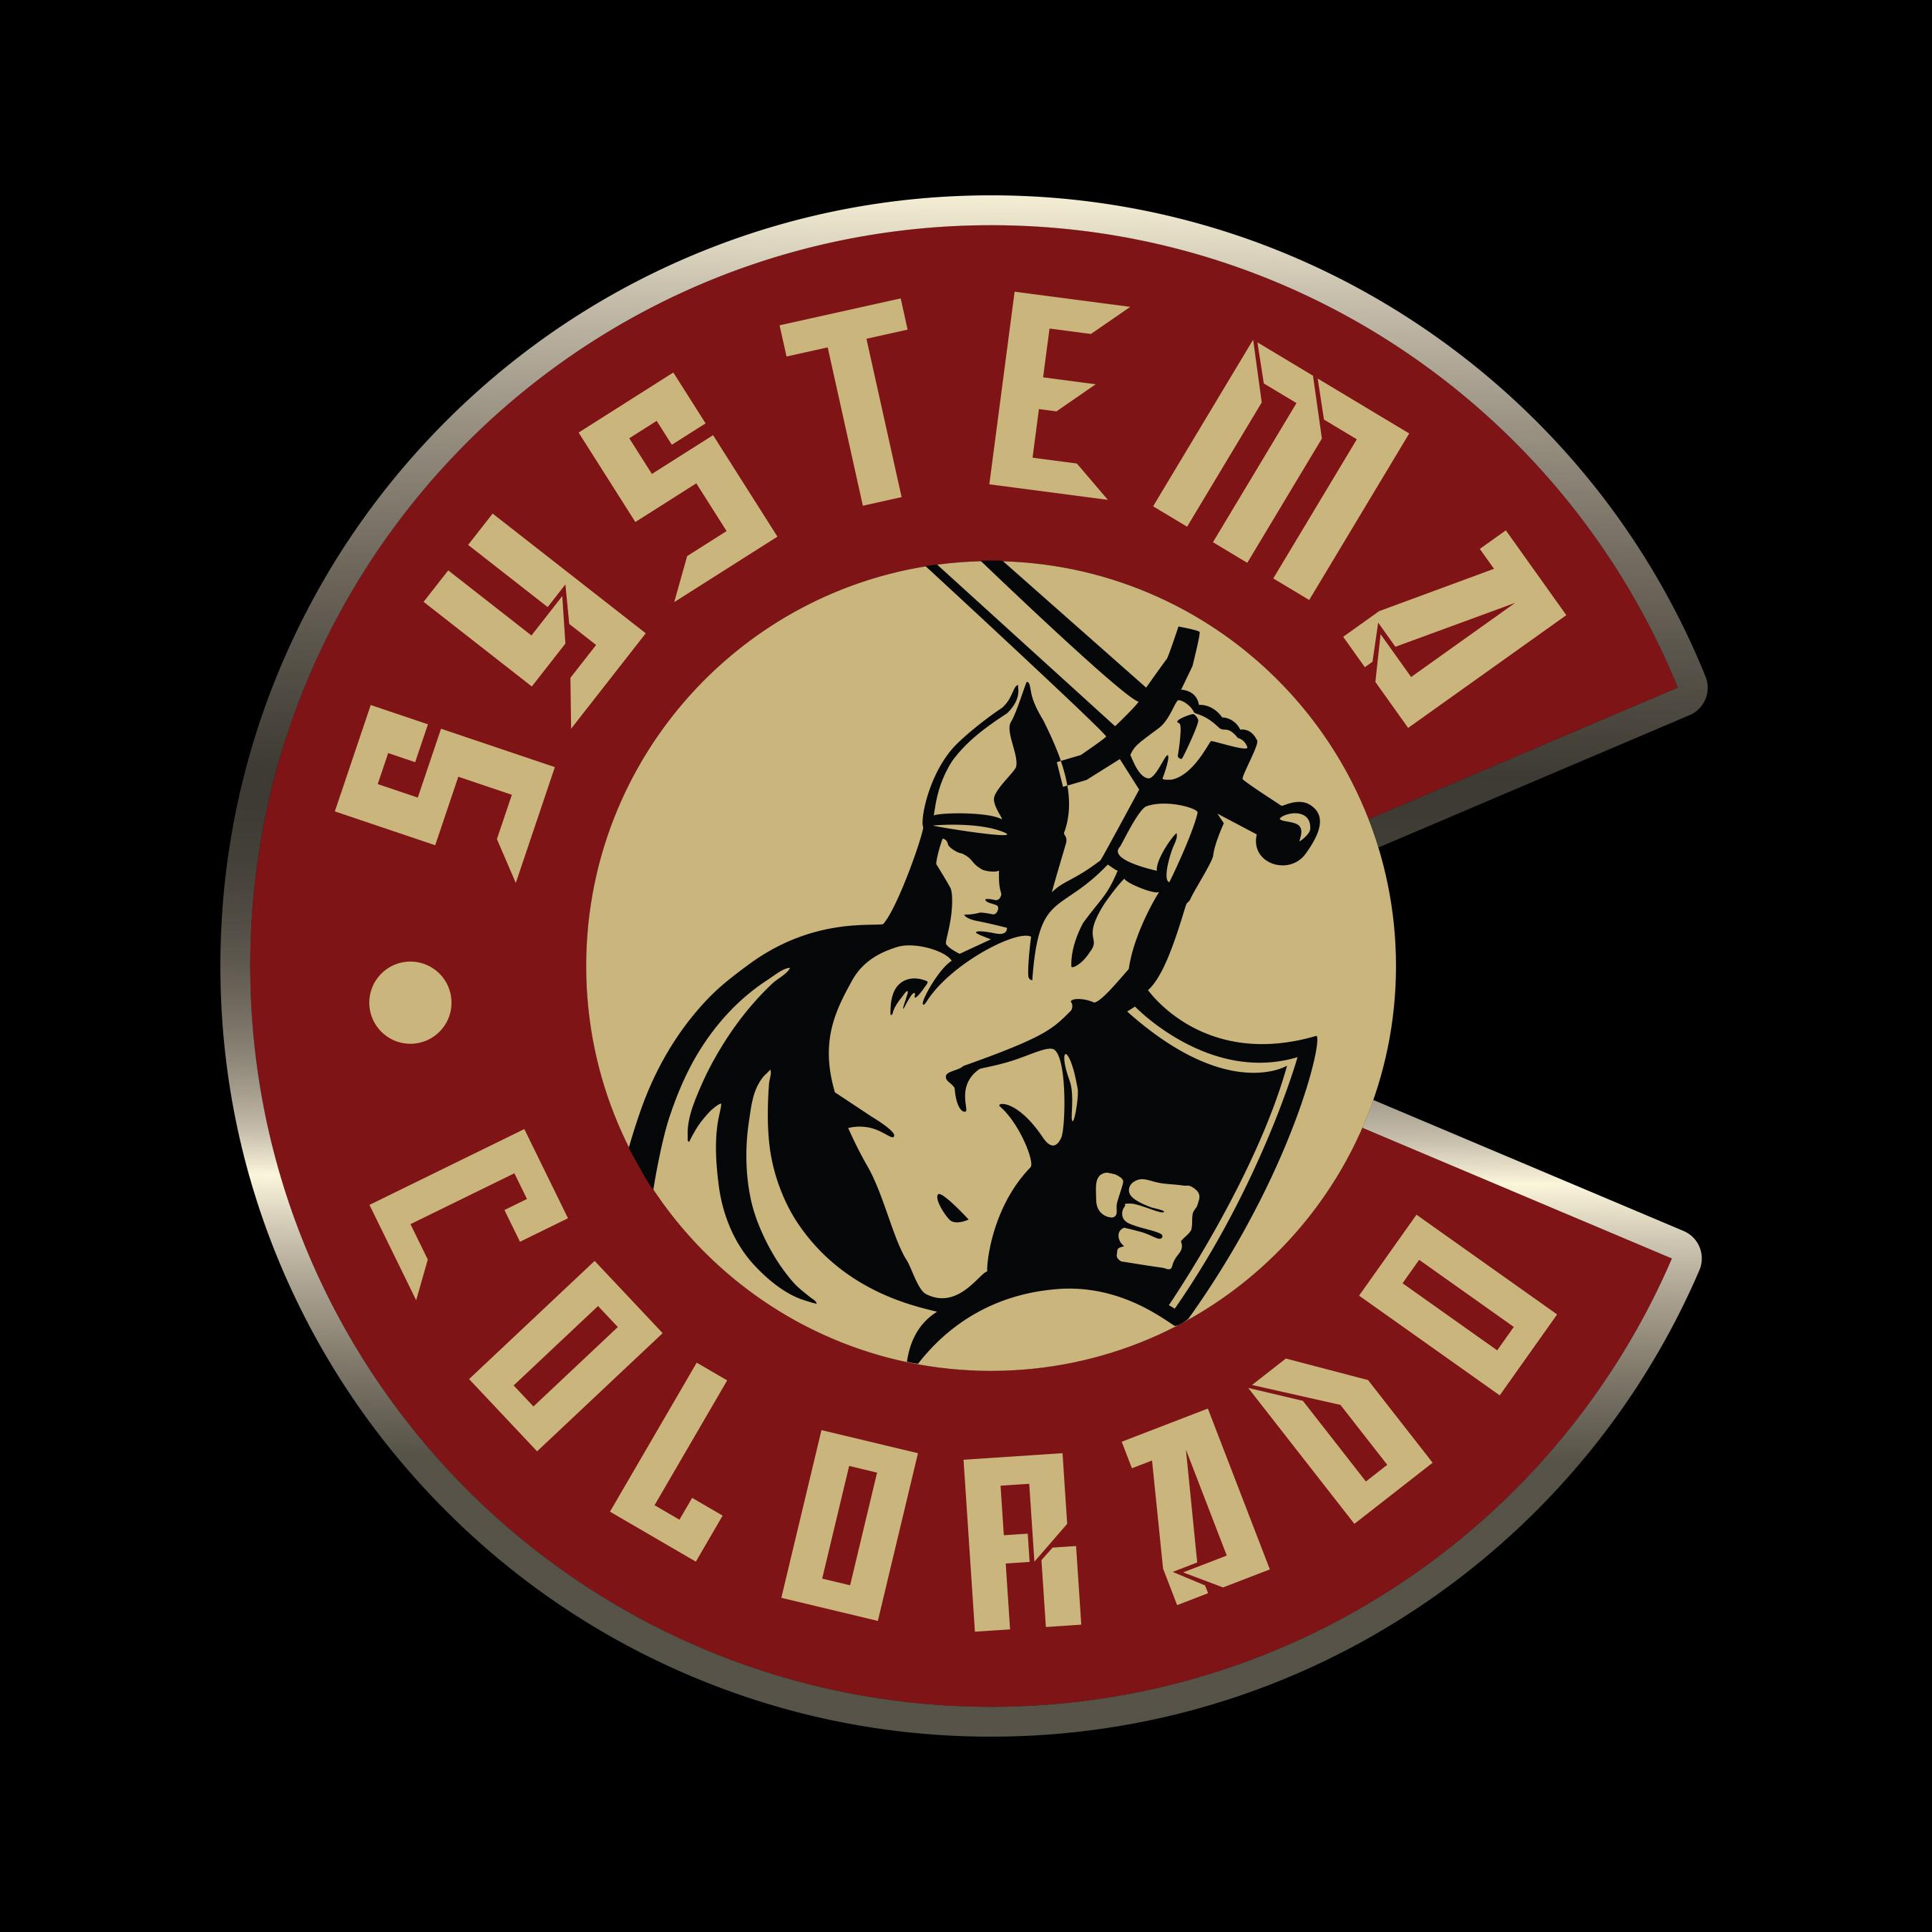 Systema Colorado